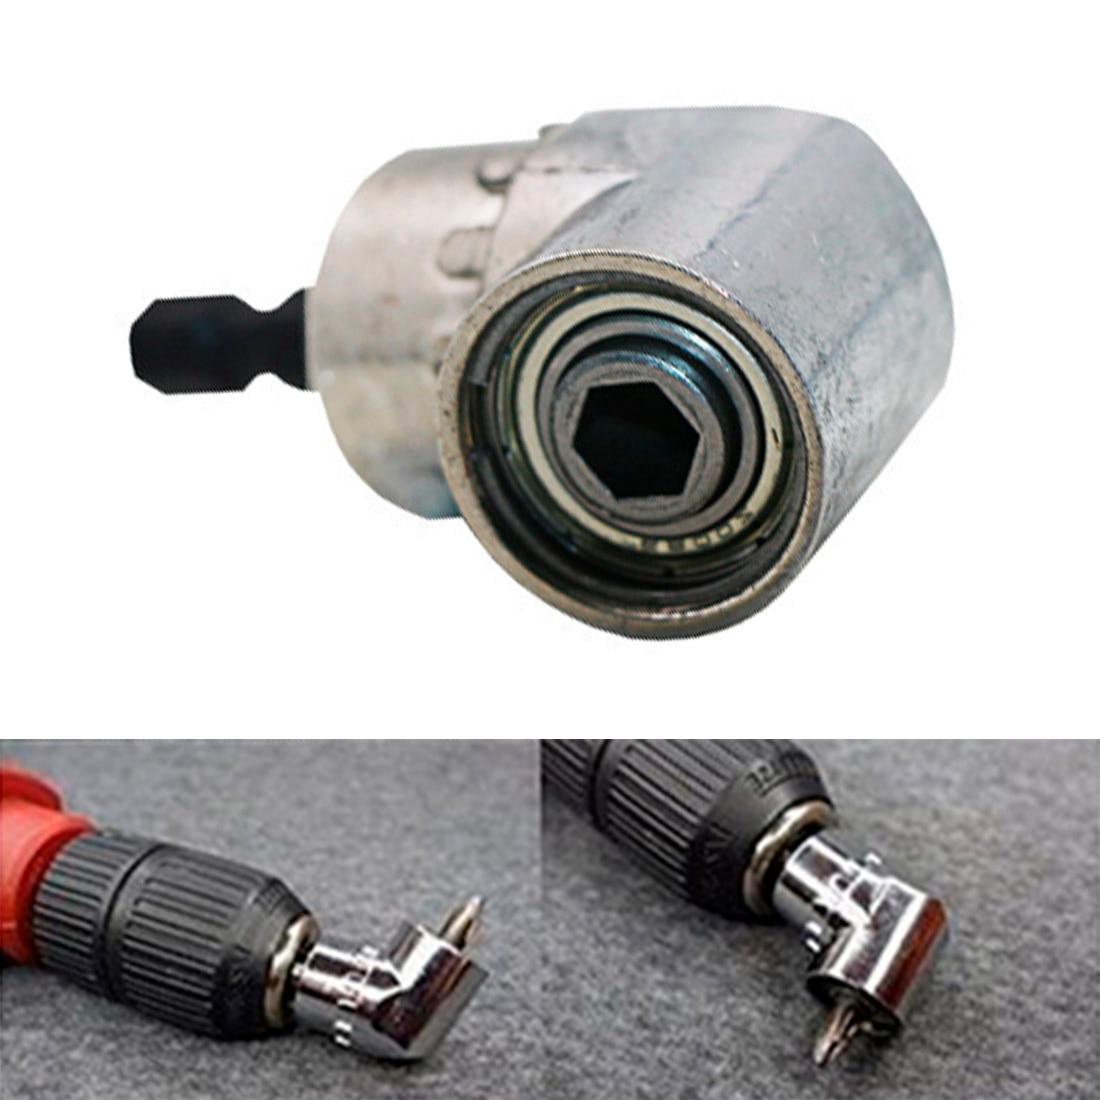 Durável 1/4 hex shank ângulo chave de fenda para broca de energia extensão chave de fenda acessórios broca